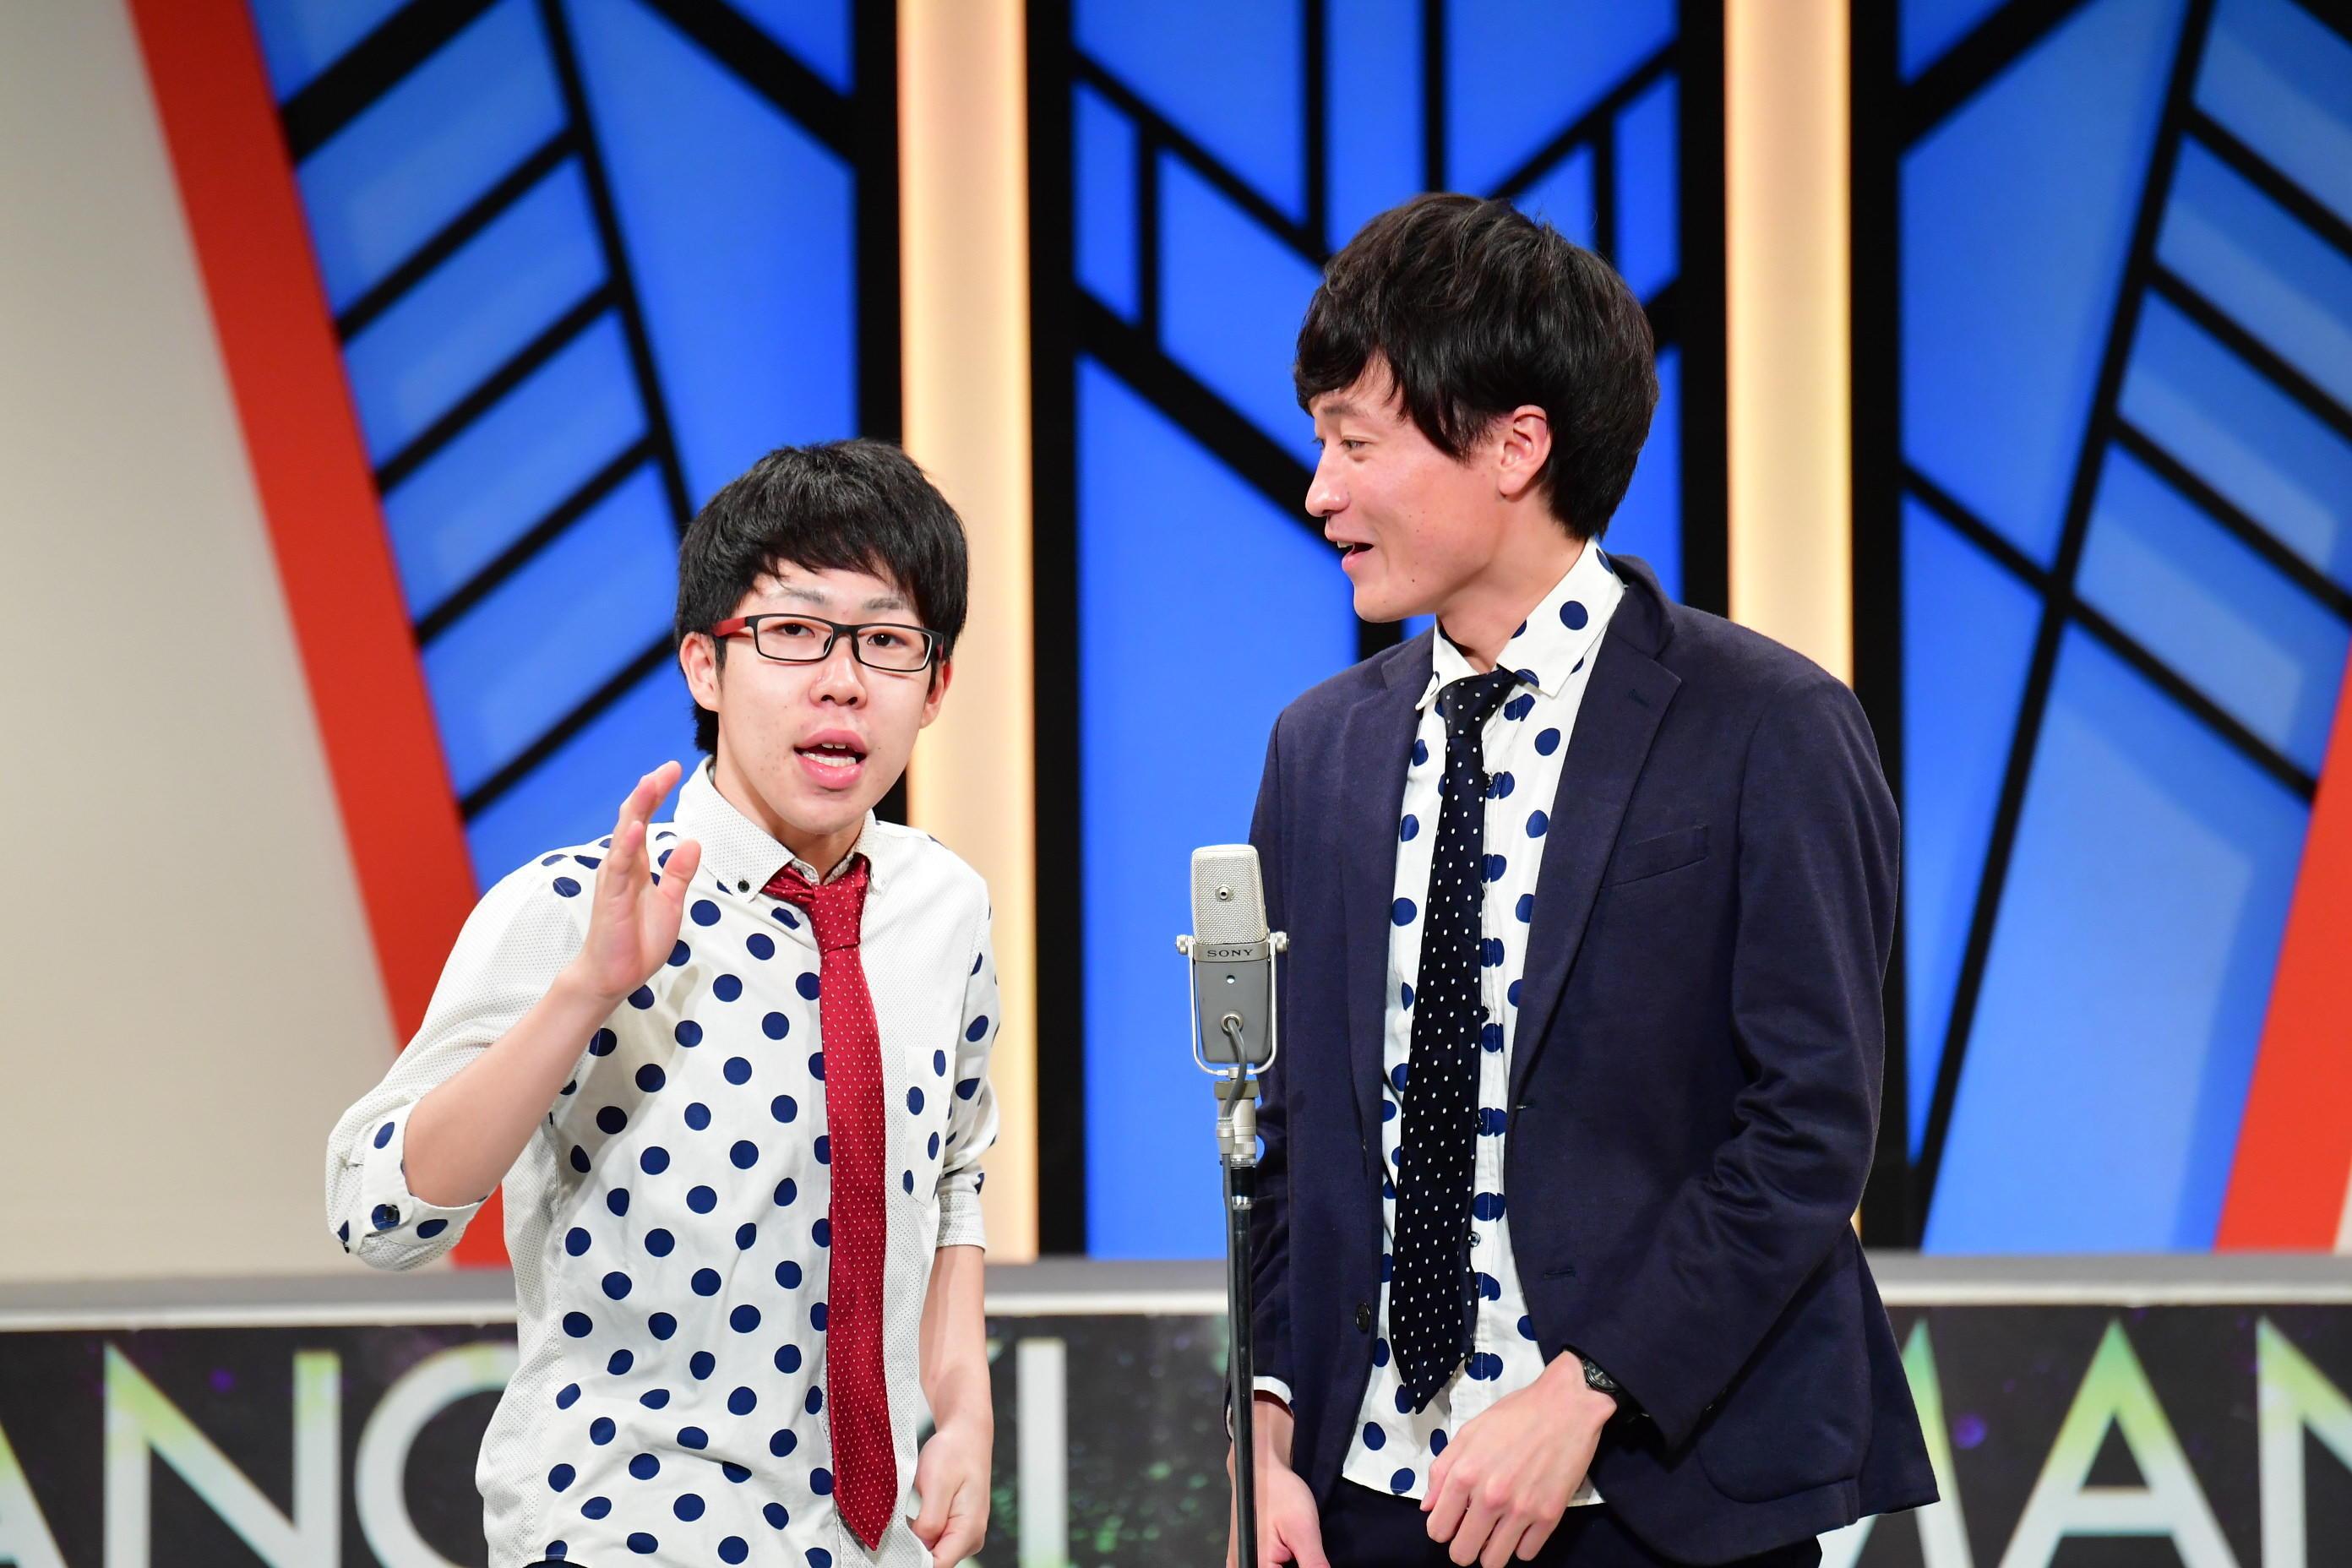 http://news.yoshimoto.co.jp/20180925142324-95232a8ecb7c412f7a38c1326bde53c9400642d7.jpg